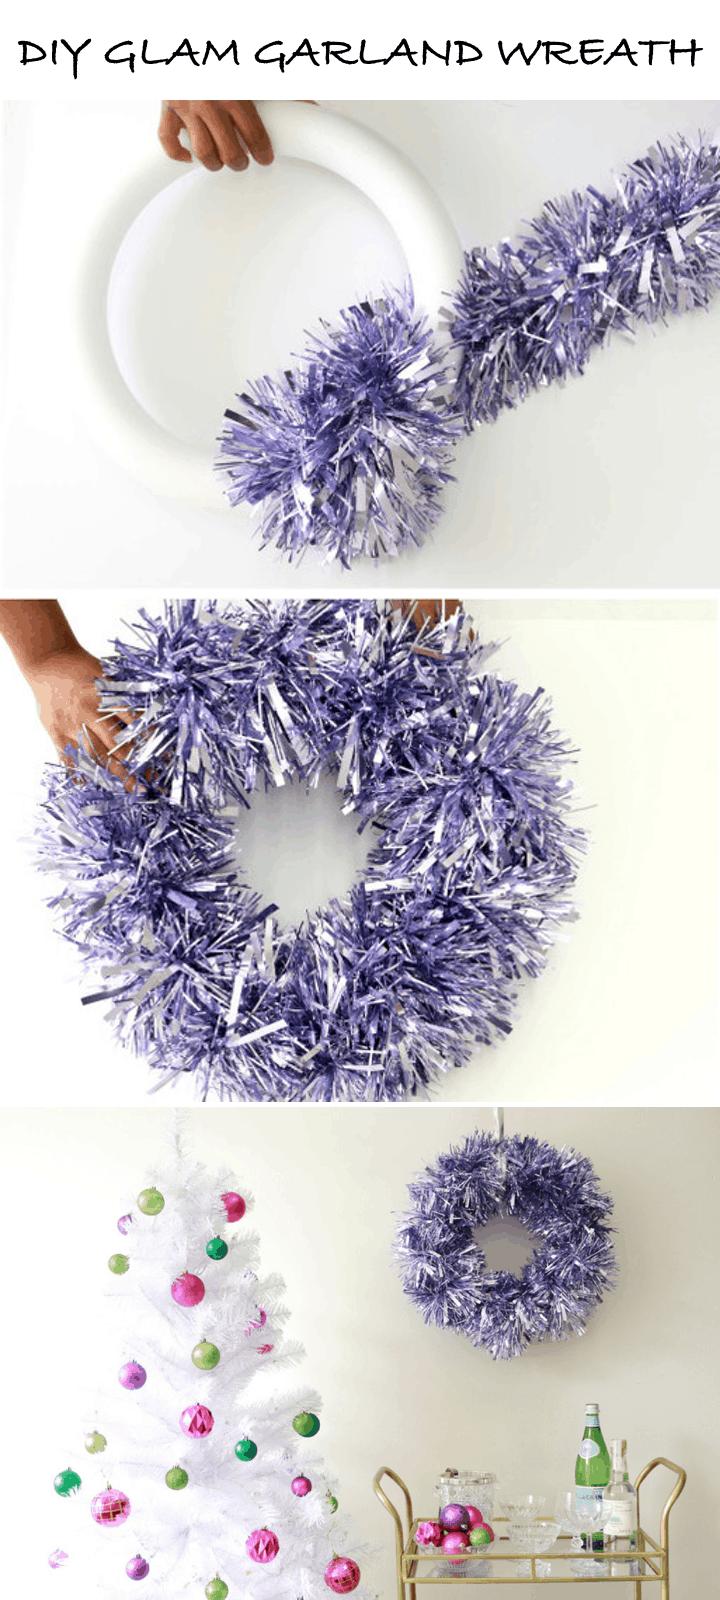 DIY- Glam Garland Wreath